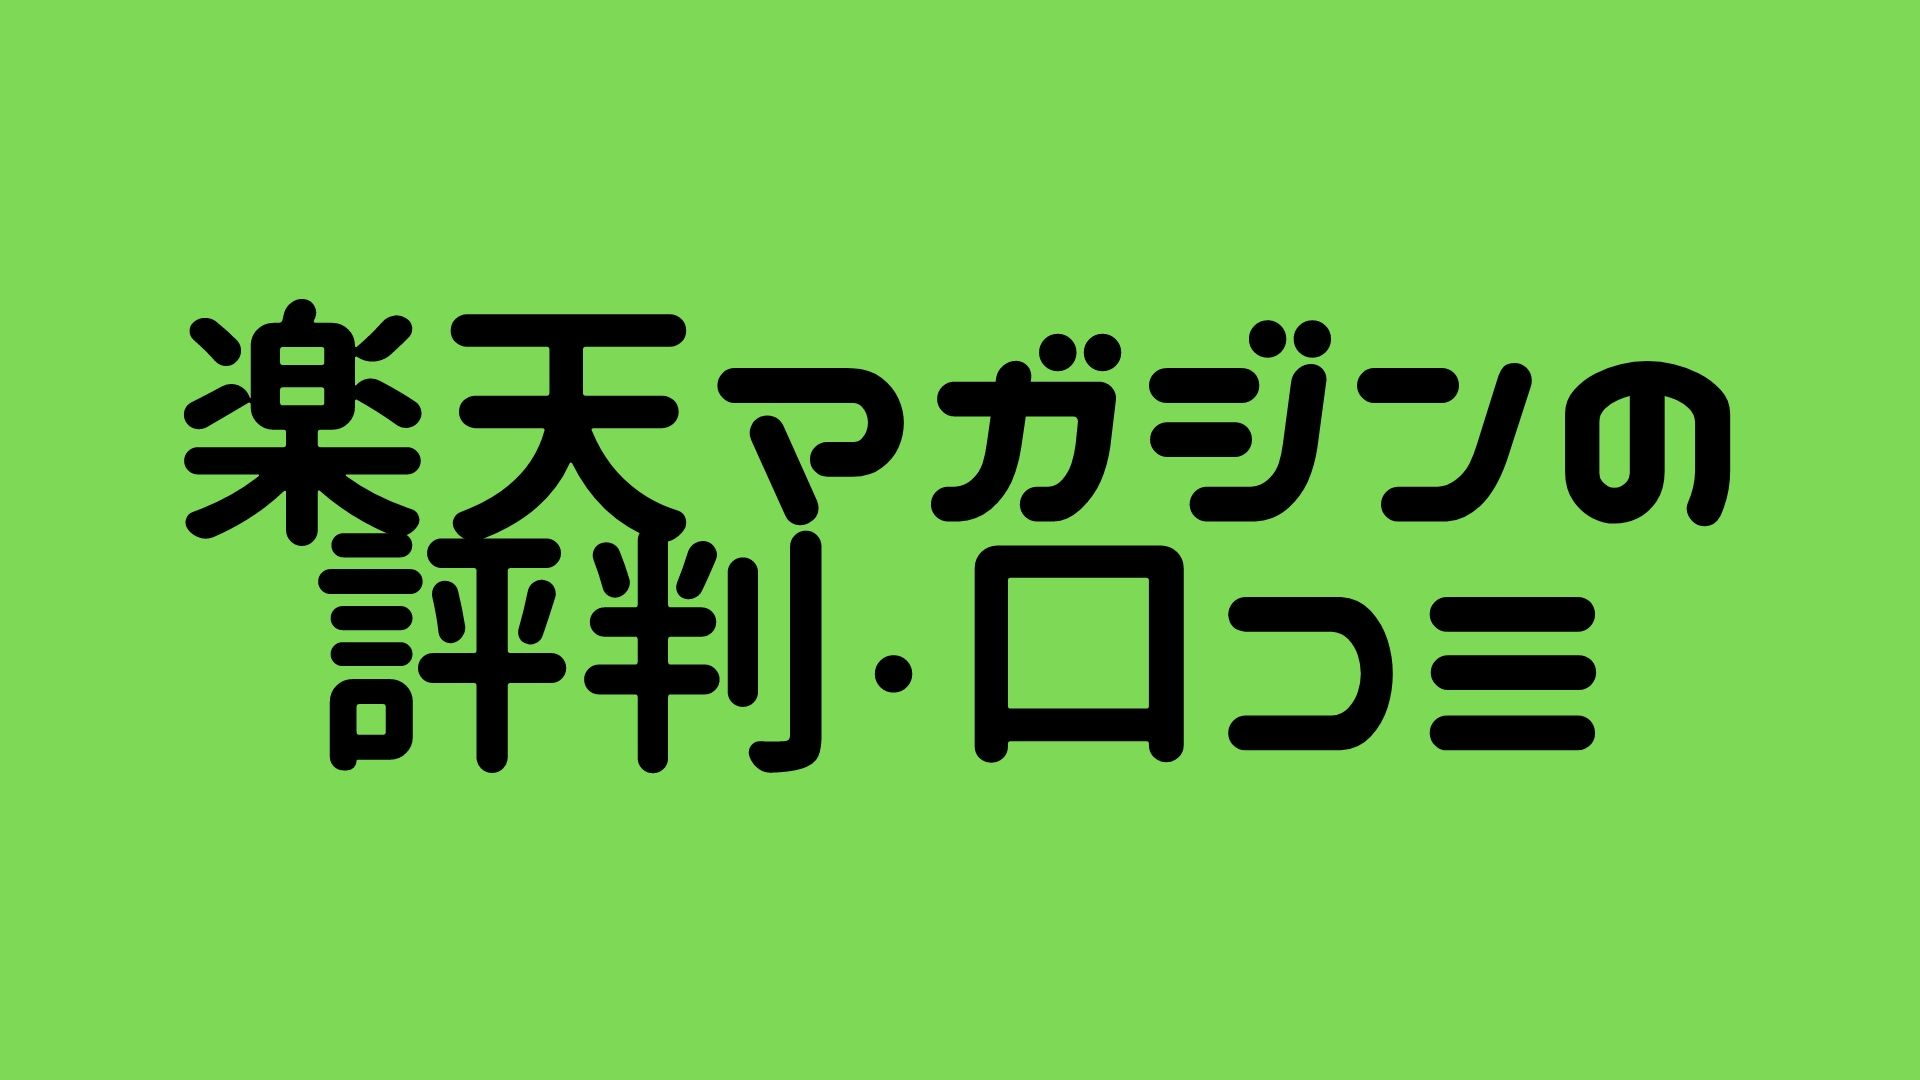 楽天マガジンの評判・口コミ